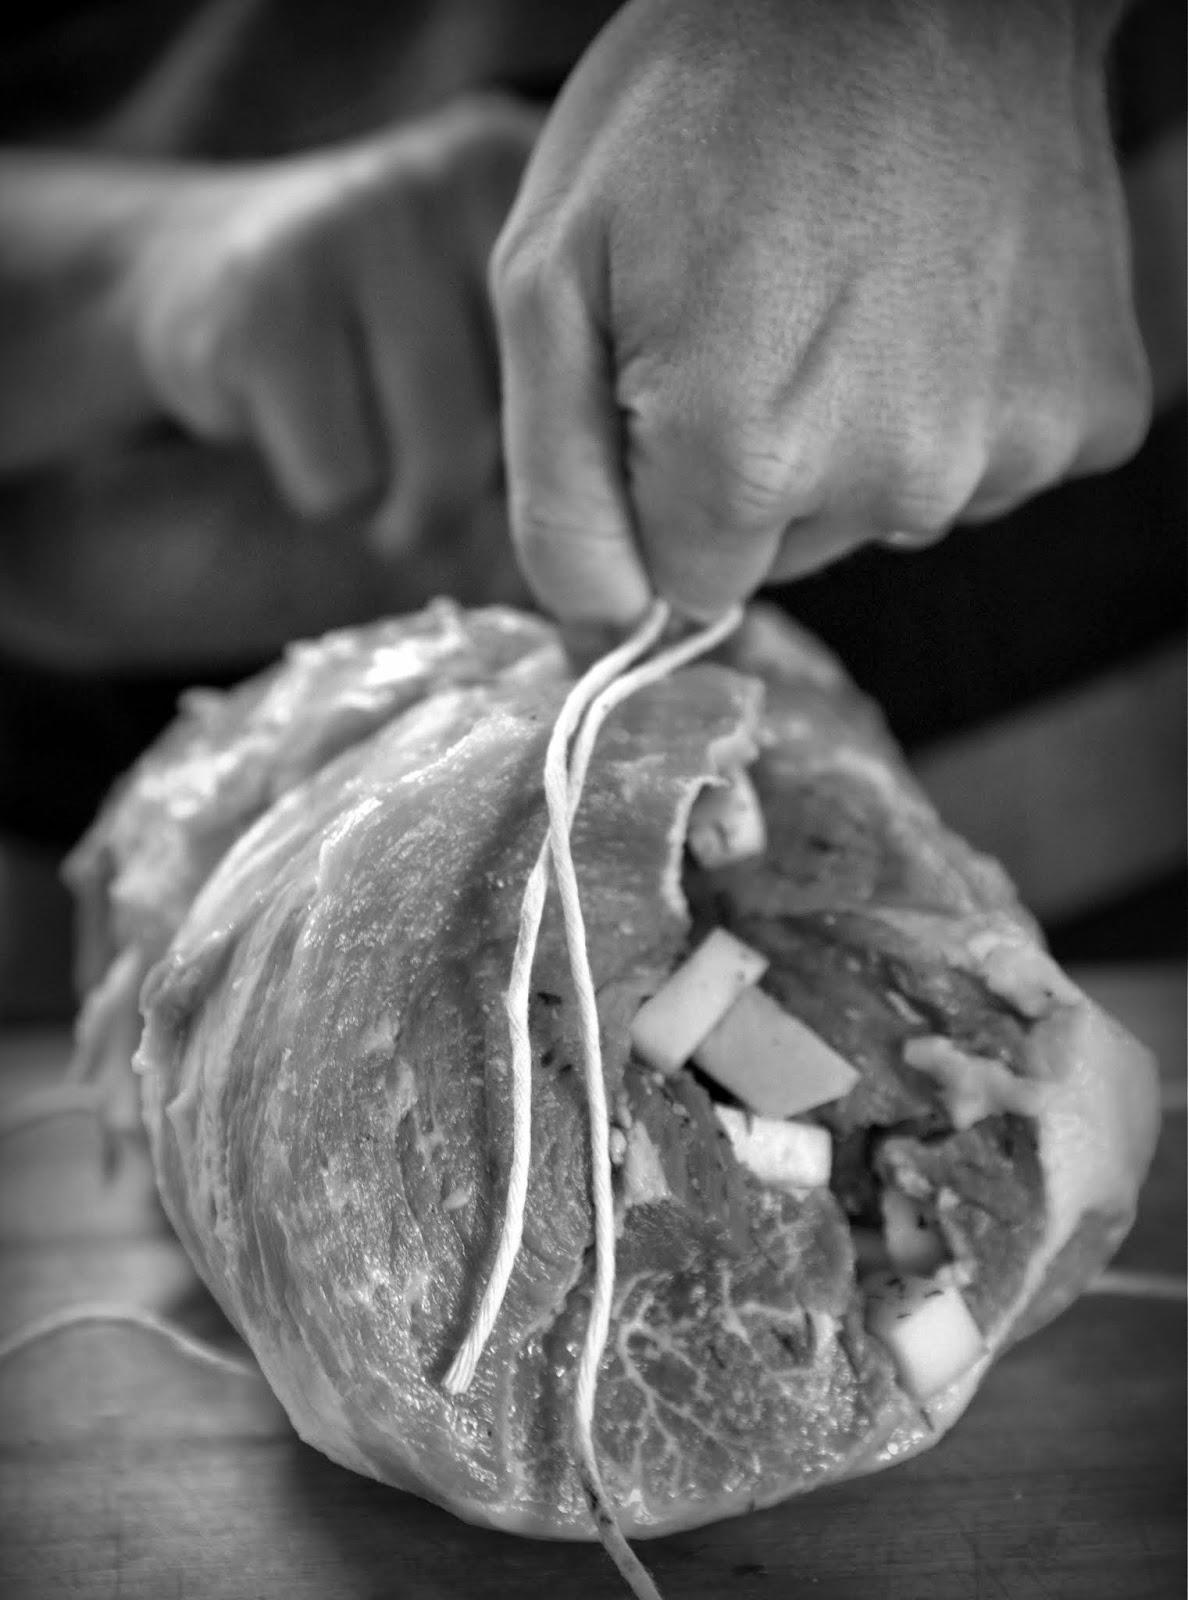 Tying a ham